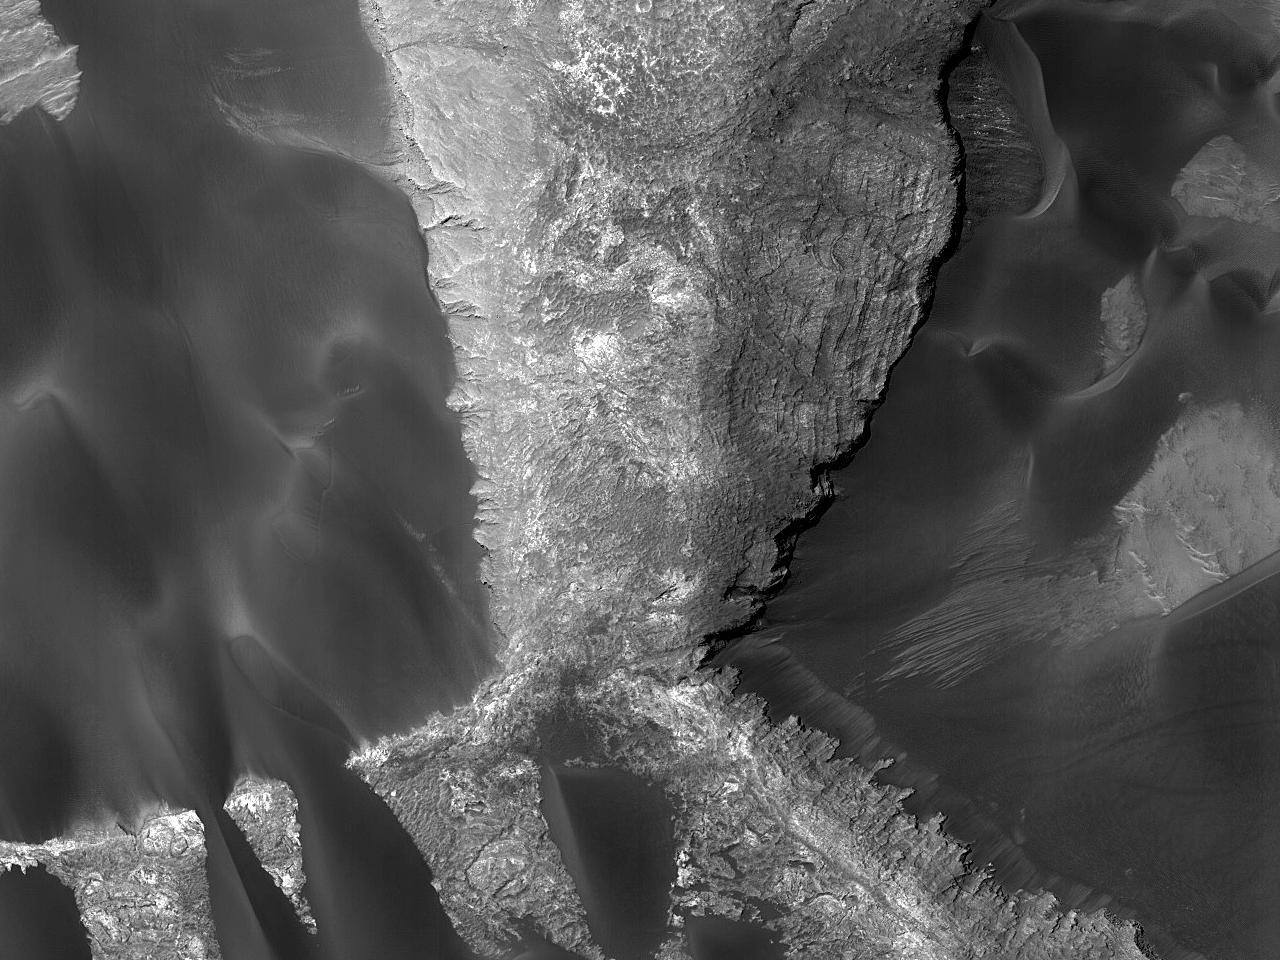 Overvåkningsbilde av skråning og sanddyner i Rabe-krateret